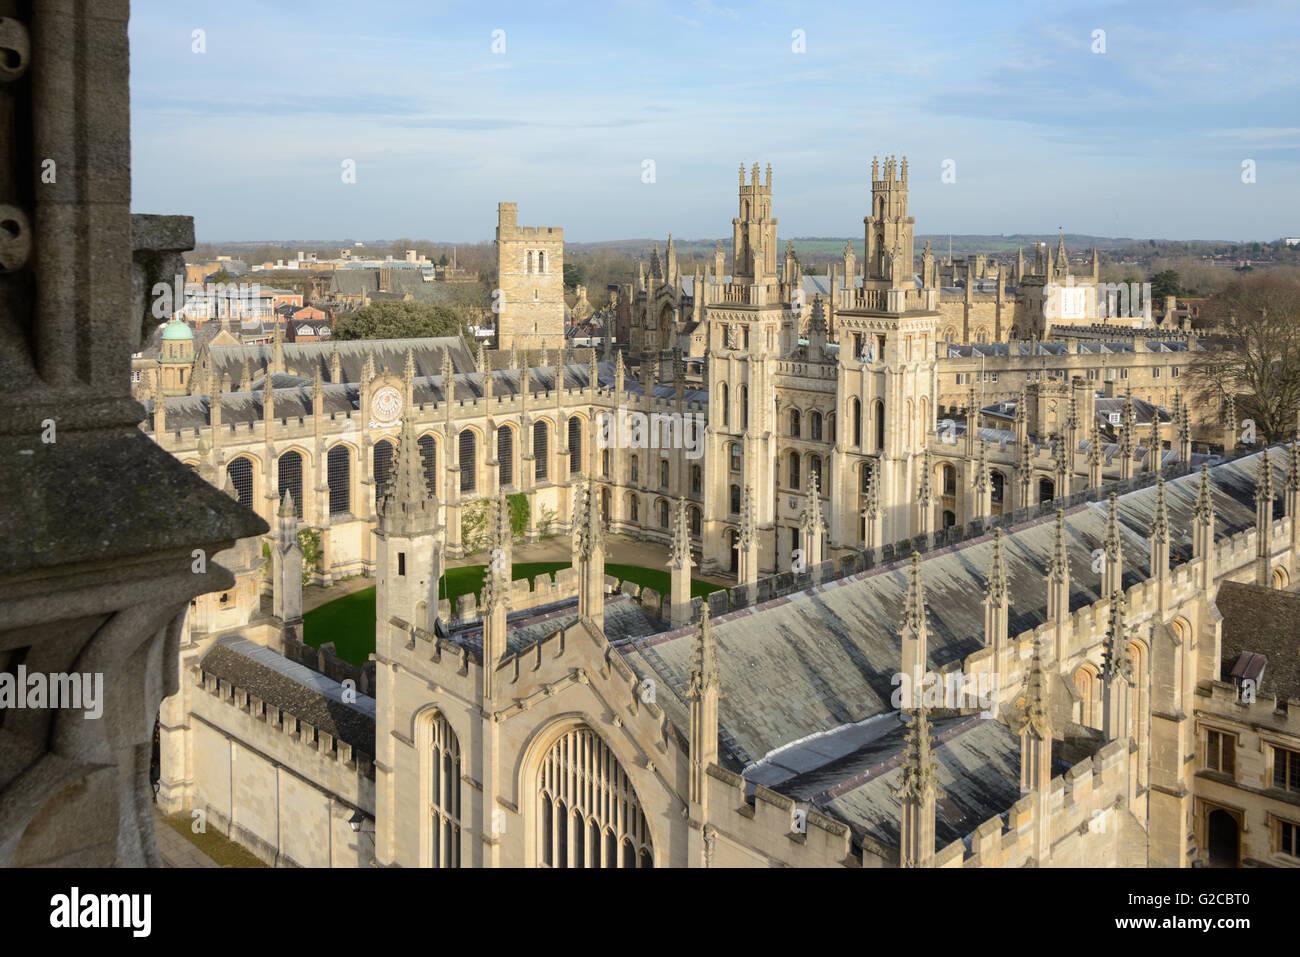 Flèches et toits de All Souls College de l'Université Oxford en Angleterre Photo Stock